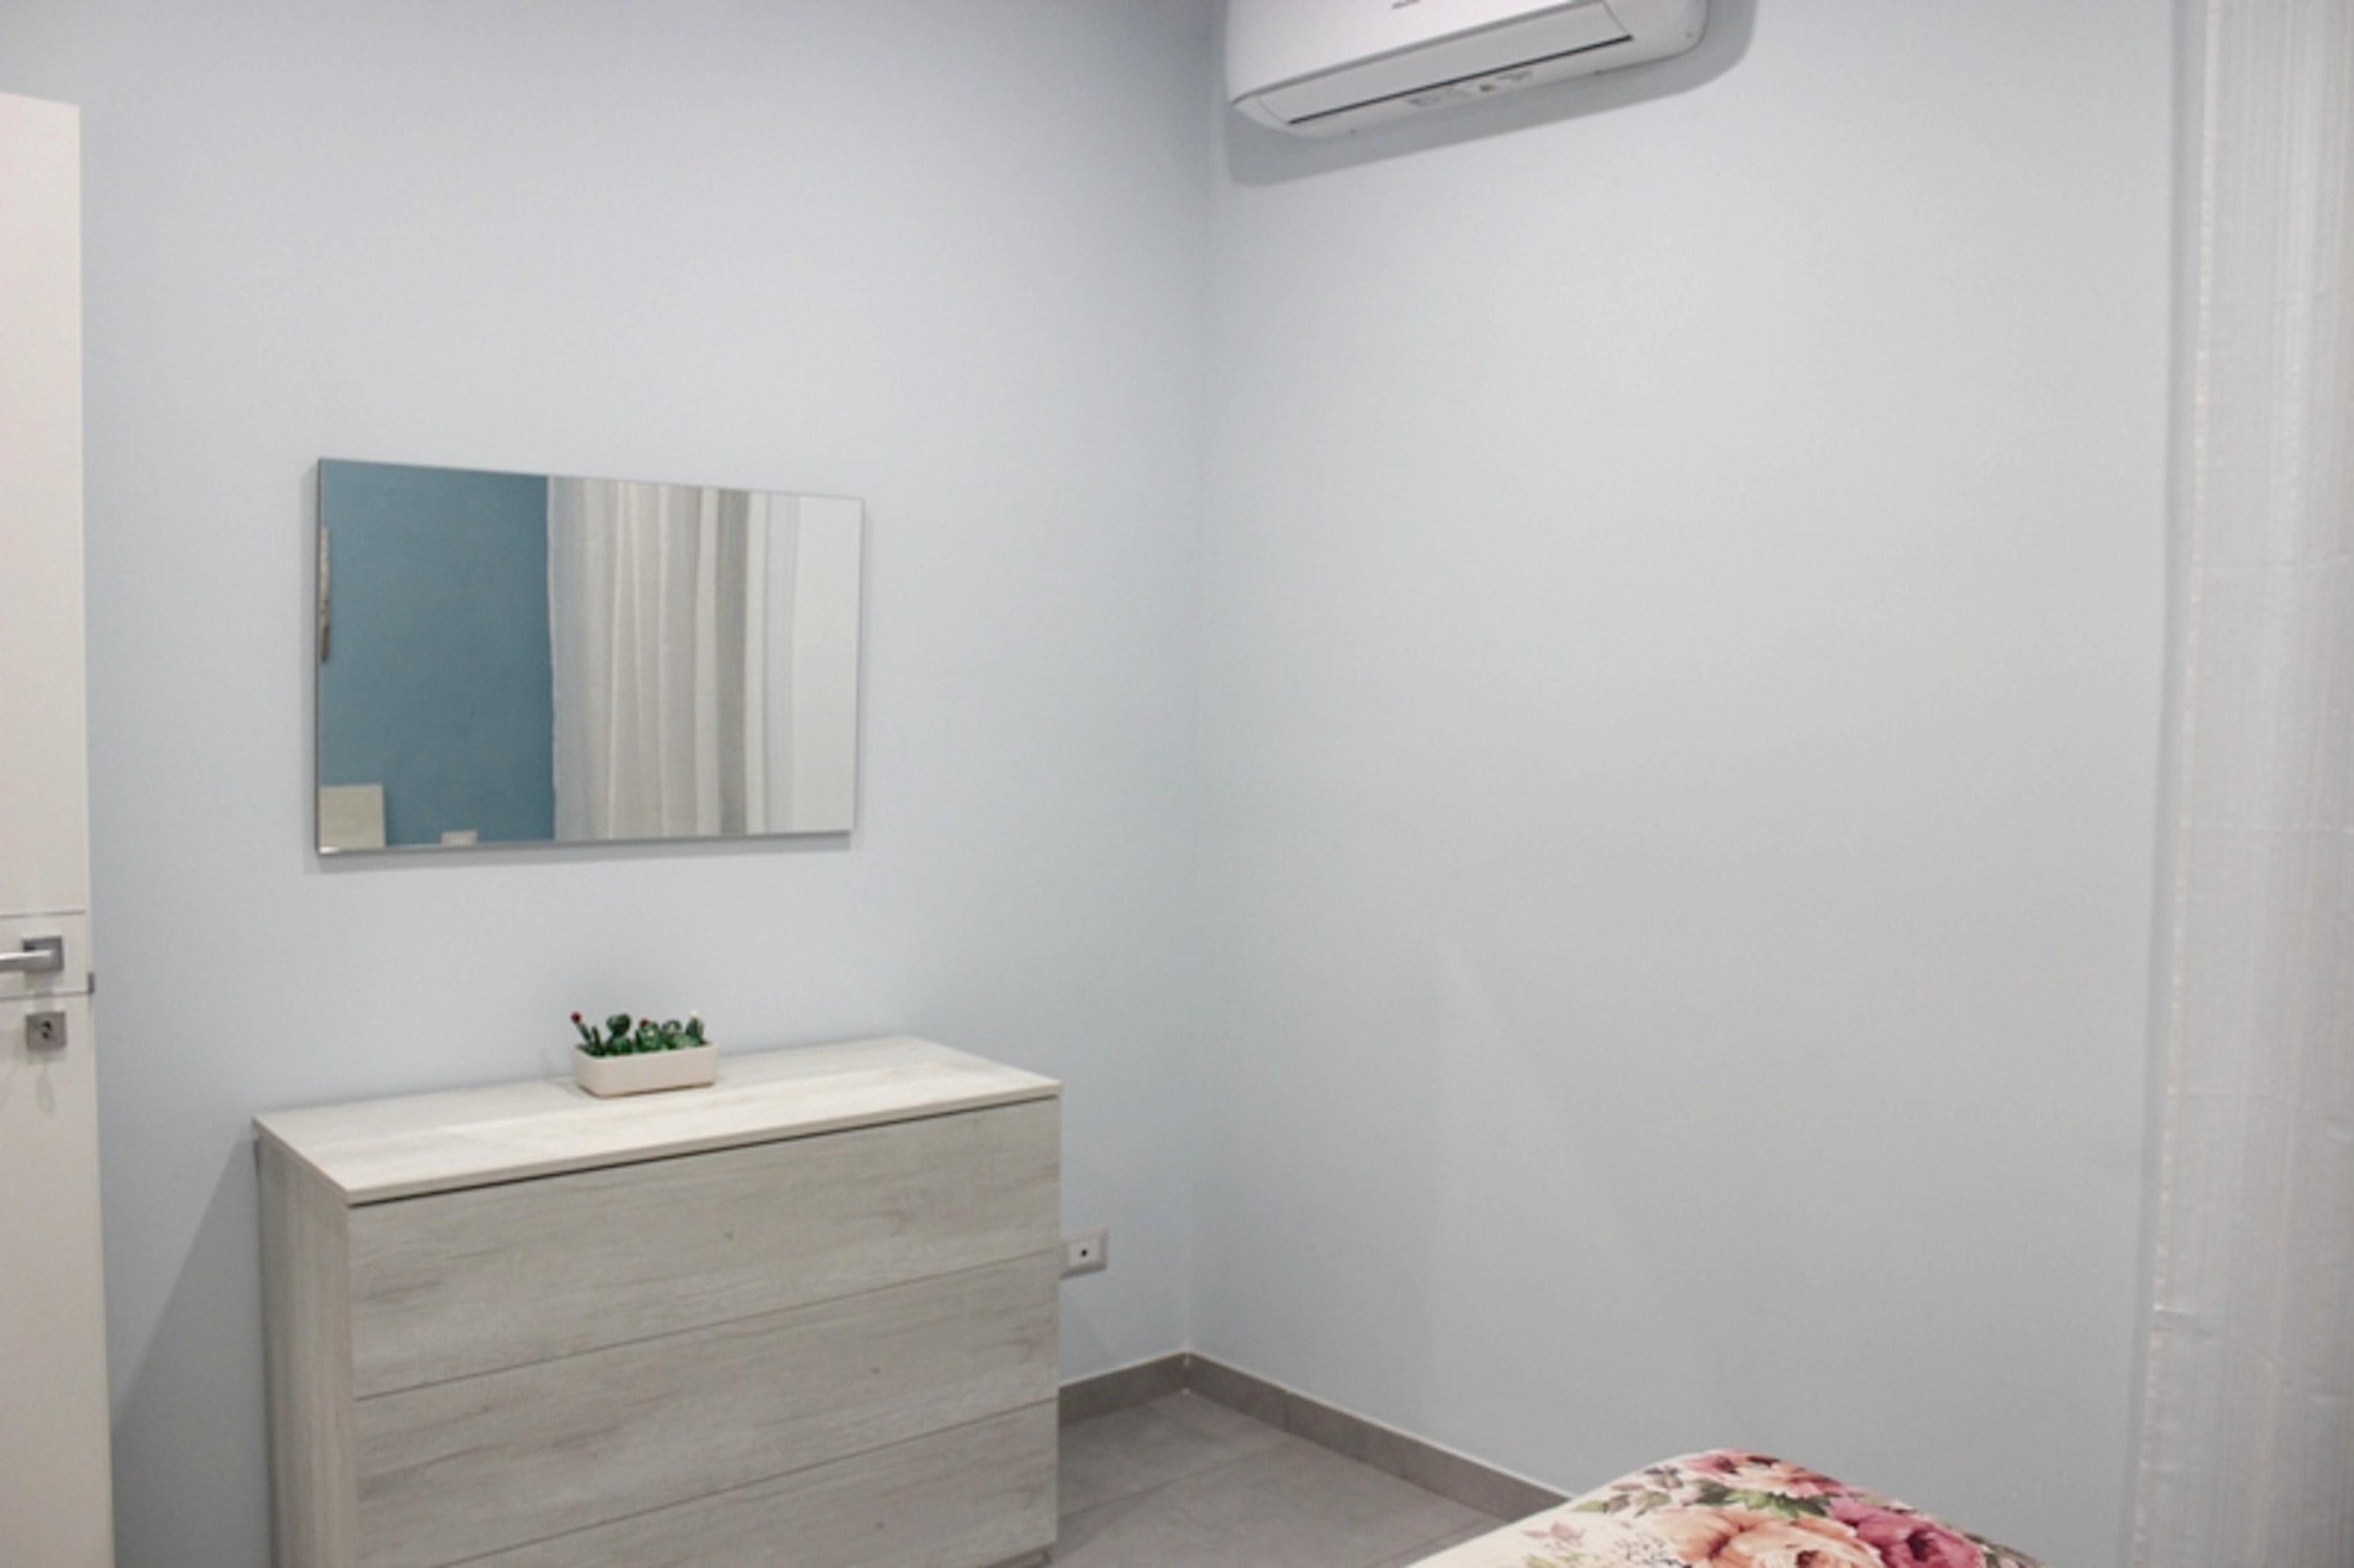 Ferienwohnung Wohnung mit einem Schlafzimmer in Sant'Agnello mit schöner Aussicht auf die Stadt, möblier (2791793), Sant'Agnello, Amalfiküste, Kampanien, Italien, Bild 12